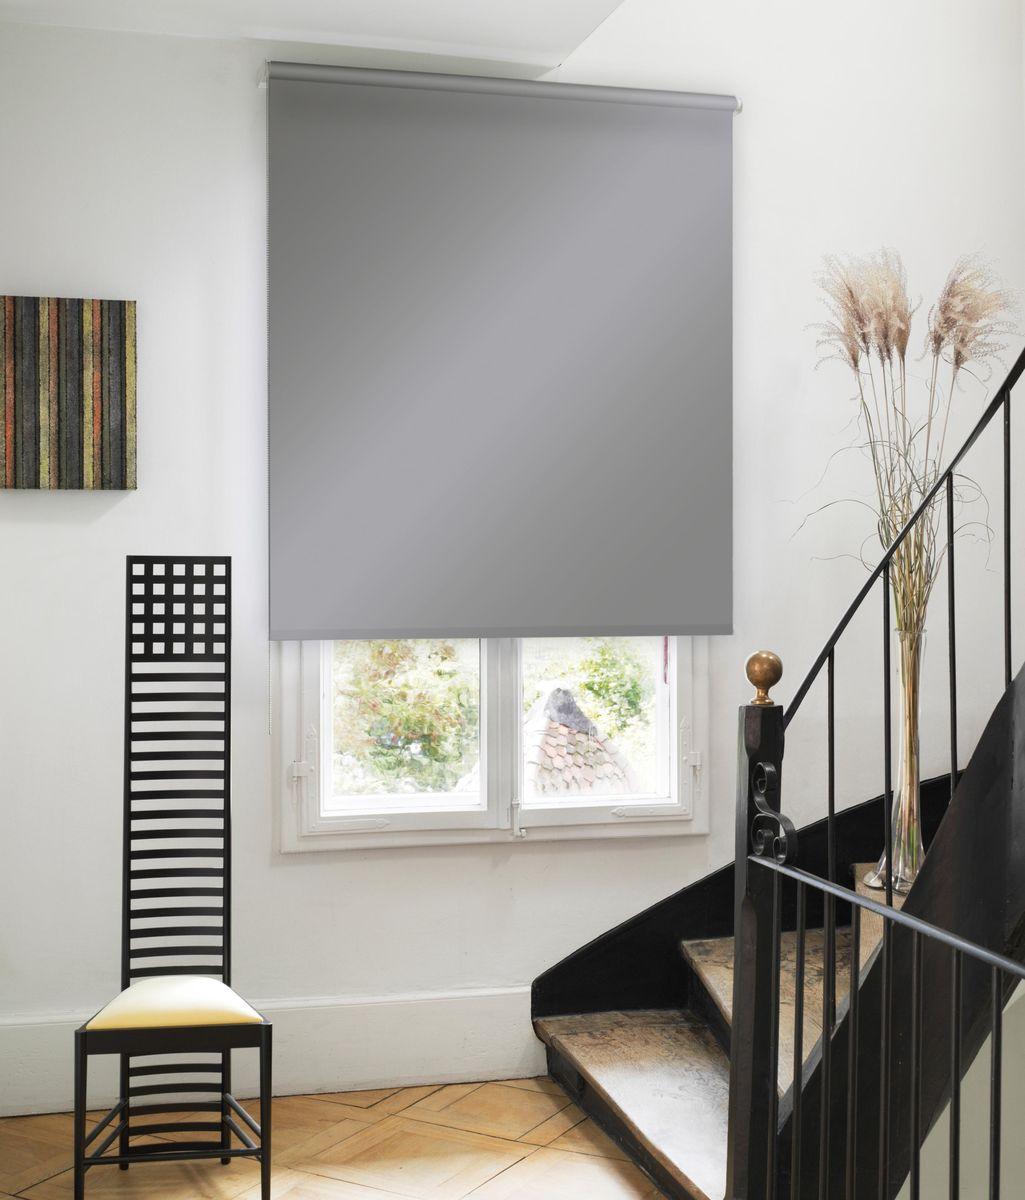 Штора рулонная Эскар, цвет: серый, ширина 80 см, высота 170 см81020080170Рулонными шторами можно оформлять окна как самостоятельно, так и использовать в комбинации с портьерами. Это поможет предотвратить выгорание дорогой ткани на солнце и соединит функционал рулонных с красотой навесных. Преимущества применения рулонных штор для пластиковых окон: - имеют прекрасный внешний вид: многообразие и фактурность материала изделия отлично смотрятся в любом интерьере; - многофункциональны: есть возможность подобрать шторы способные эффективно защитить комнату от солнца, при этом она не будет слишком темной. - Есть возможность осуществить быстрый монтаж. ВНИМАНИЕ! Размеры ширины изделия указаны по ширине ткани! Во время эксплуатации не рекомендуется полностью разматывать рулон, чтобы не оторвать ткань от намоточного вала. В случае загрязнения поверхности ткани, чистку шторы проводят одним из способов, в зависимости от типа загрязнения: легкое поверхностное загрязнение можно удалить при помощи канцелярского ластика; чистка от пыли производится сухим методом при...